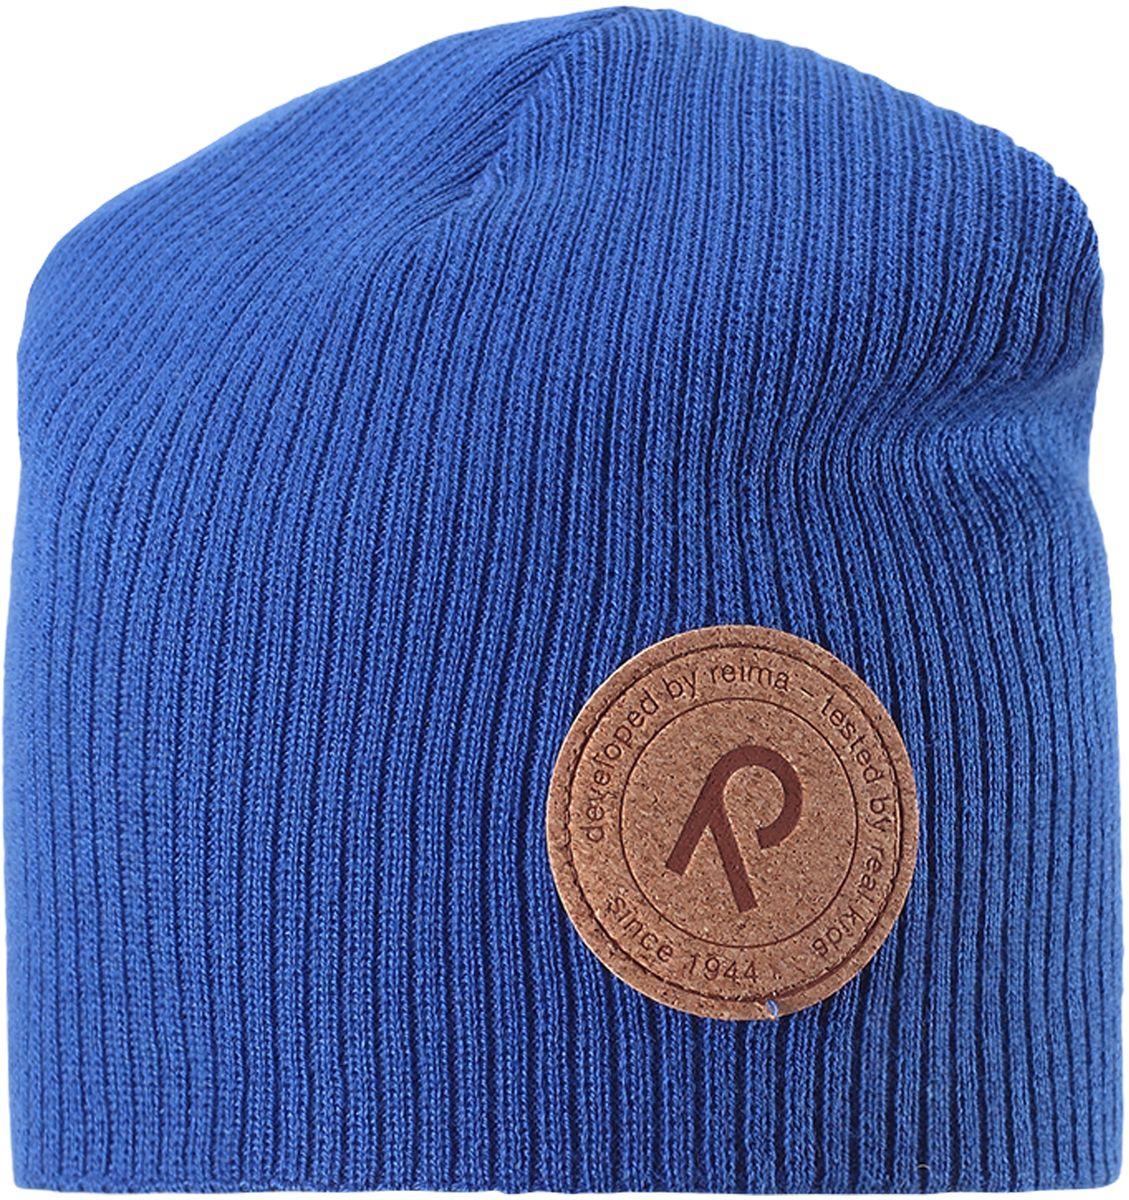 Шапка детская Reima Majakka, цвет: синий. 5285266530. Размер 525285266530Детская шапка прекрасно подойдет для весенней поры. Она изготовлена из эластичного и легкого вязаного хлопка, мягкого и приятного на ощупь. Материал сертифицирован по стандарту Oeko-Tex. Удлиненная модель с подкладкой. Шапка смотрится ярко и стильно то, что надо для прогулки!